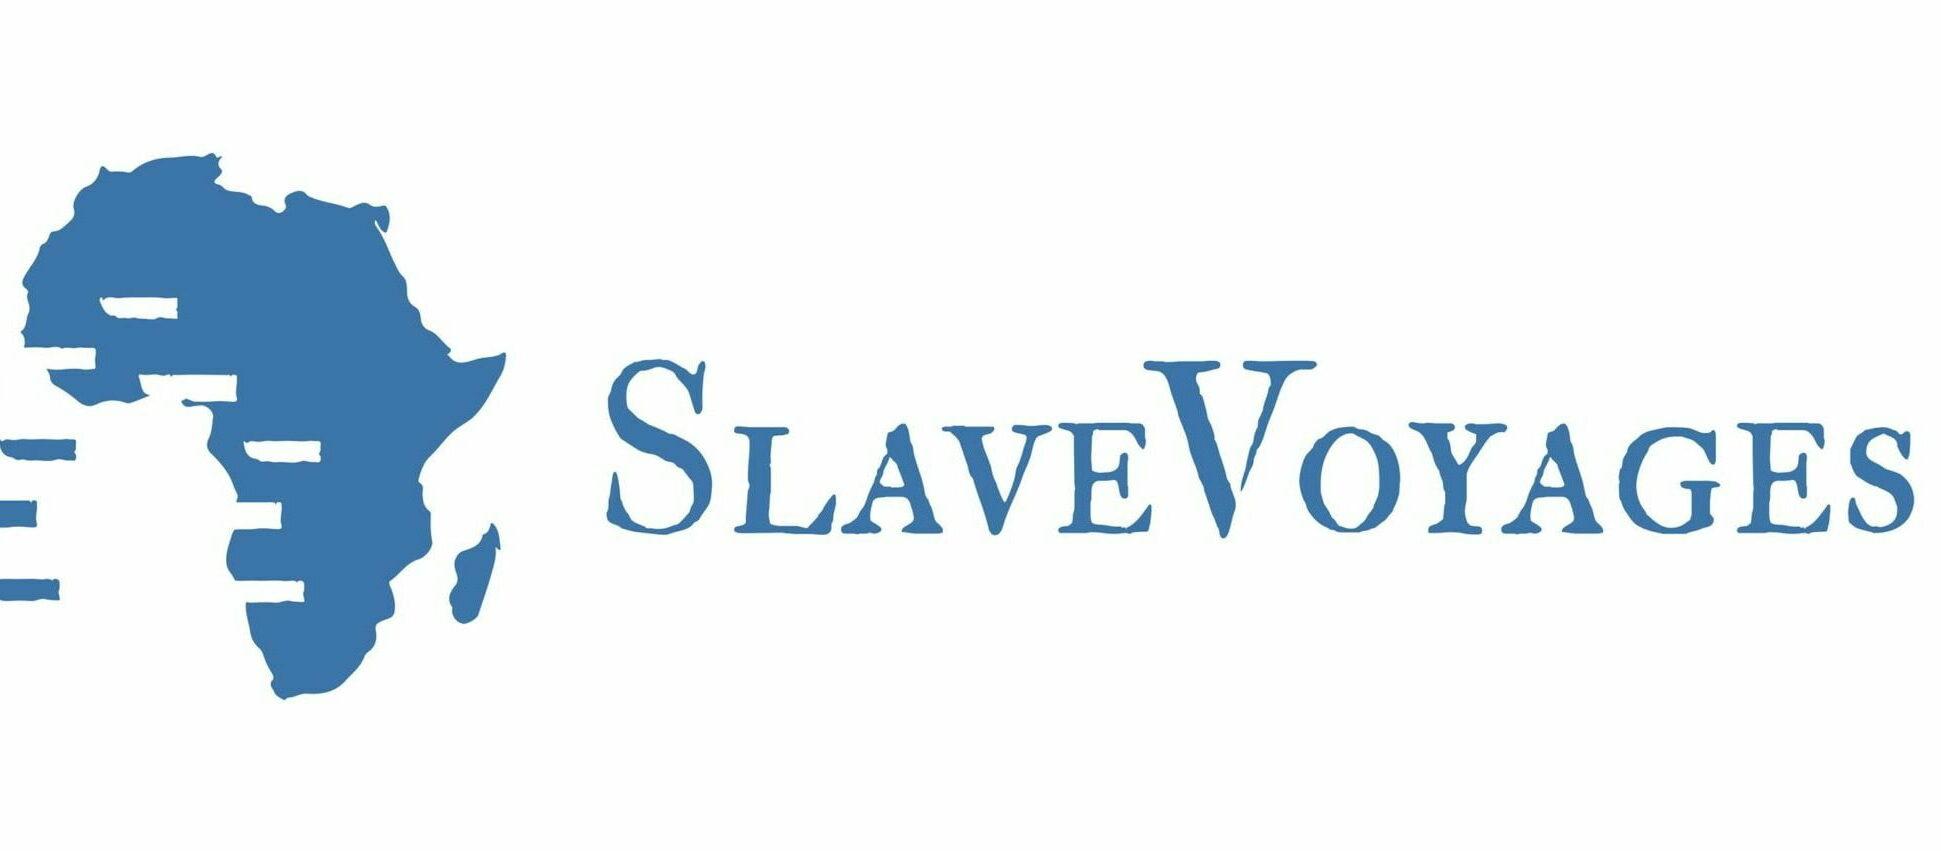 Em fundo branco, o logo de Slave Voyages, escrito em azul. Ao lado, o mapa do continente africano.